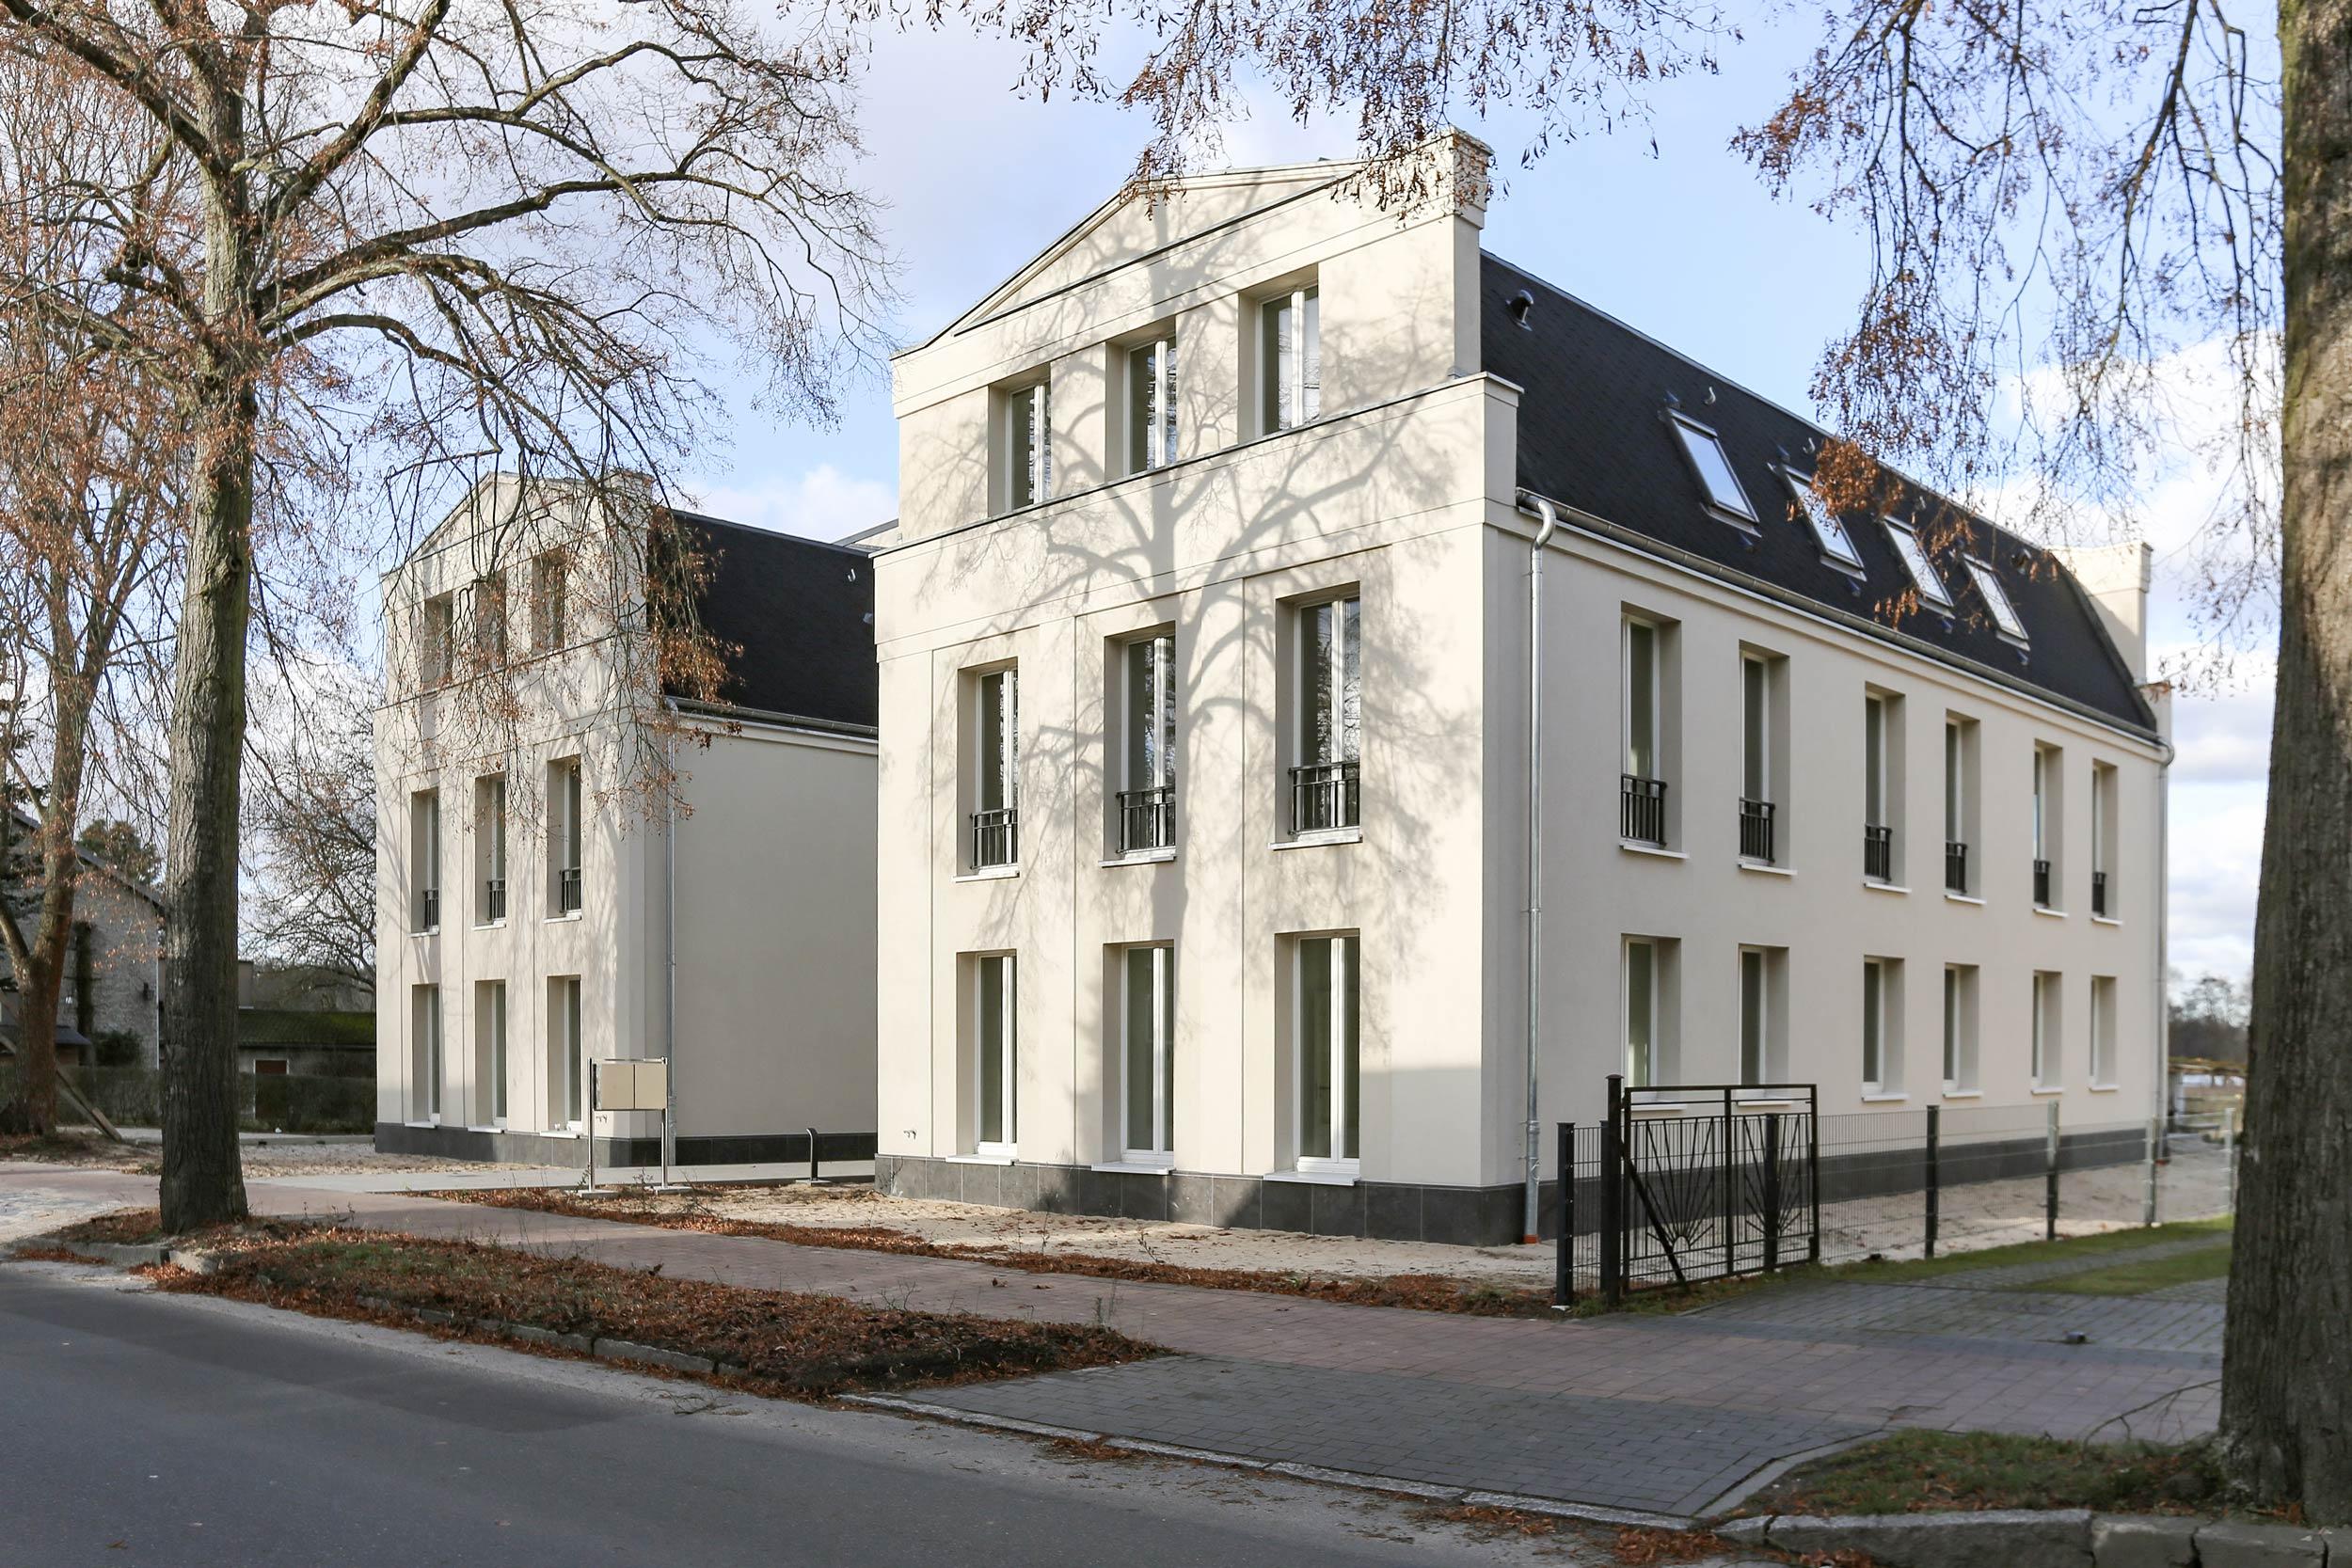 Neubau von Eigentumswohnungen im traditionellen Stil Berlin - Das Projekt ist in massiver Ziegelbauweise ohne Wärmedämm-Verbundsystem errichtet.